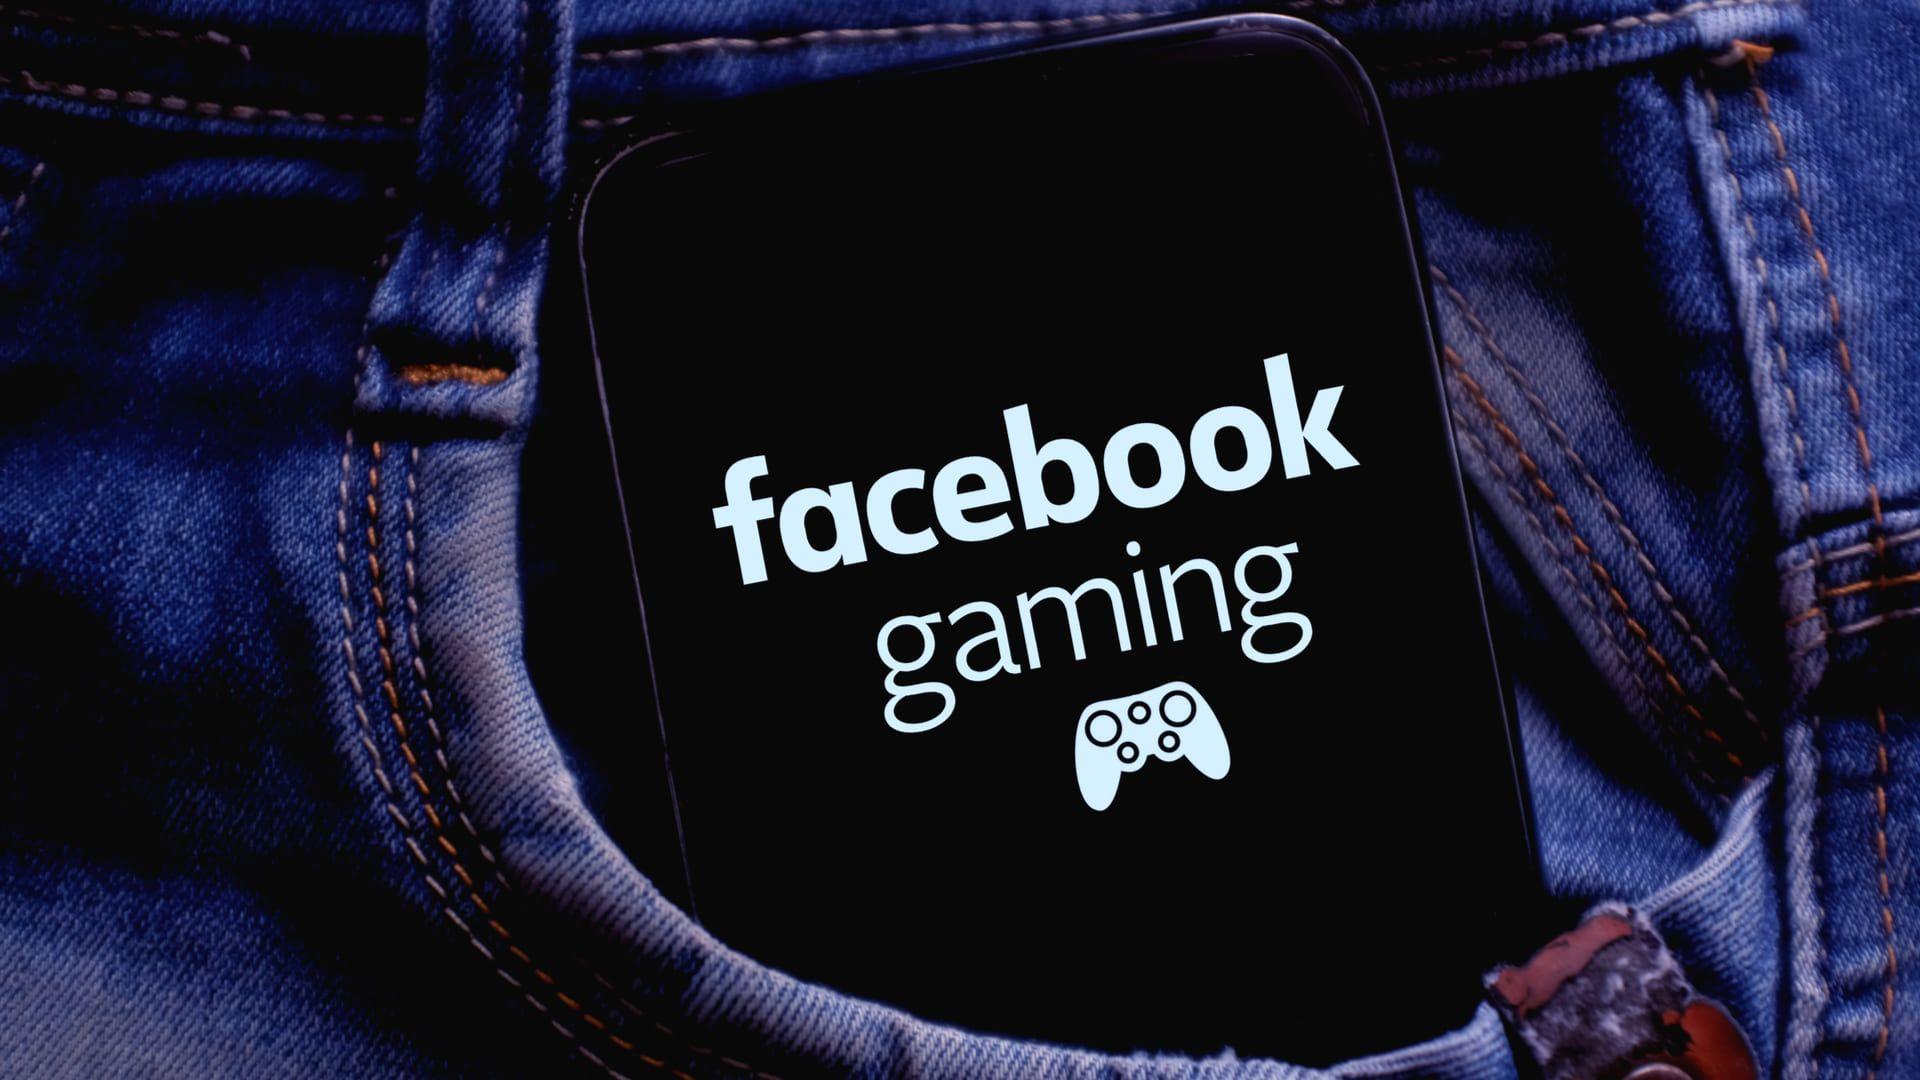 O Facebook Gaming é uma plataforma para transmitir de vídeos ao vivo. (Fonte: Shutterstock)